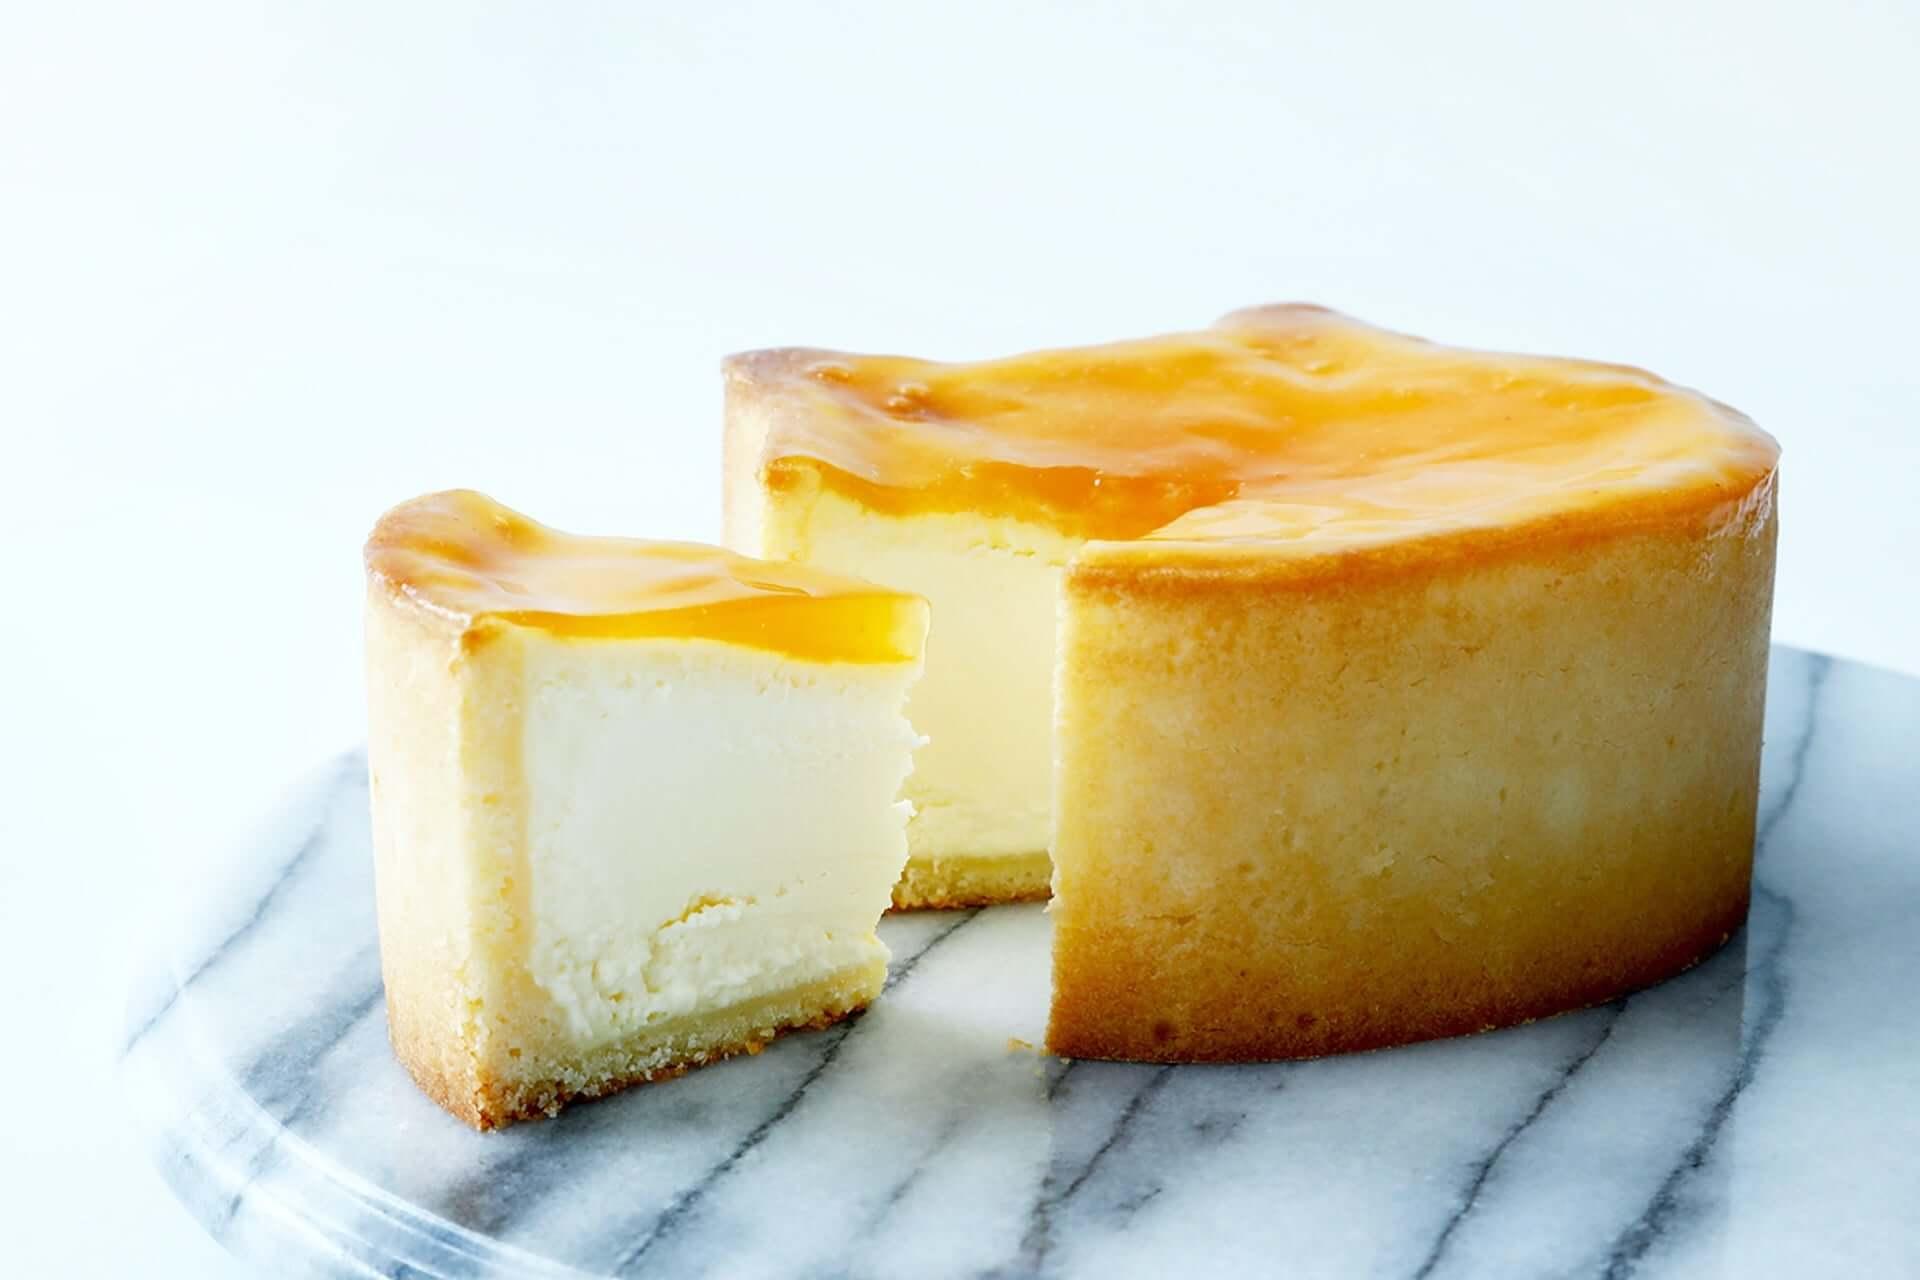 クリームの甘さとレモンの酸味がたまらない『ねこねこチーズケーキ~瀬戸内レモン~』が夏季・数量限定で新登場! gourmet200630_nekoneko_cheesecake_04-1920x1280